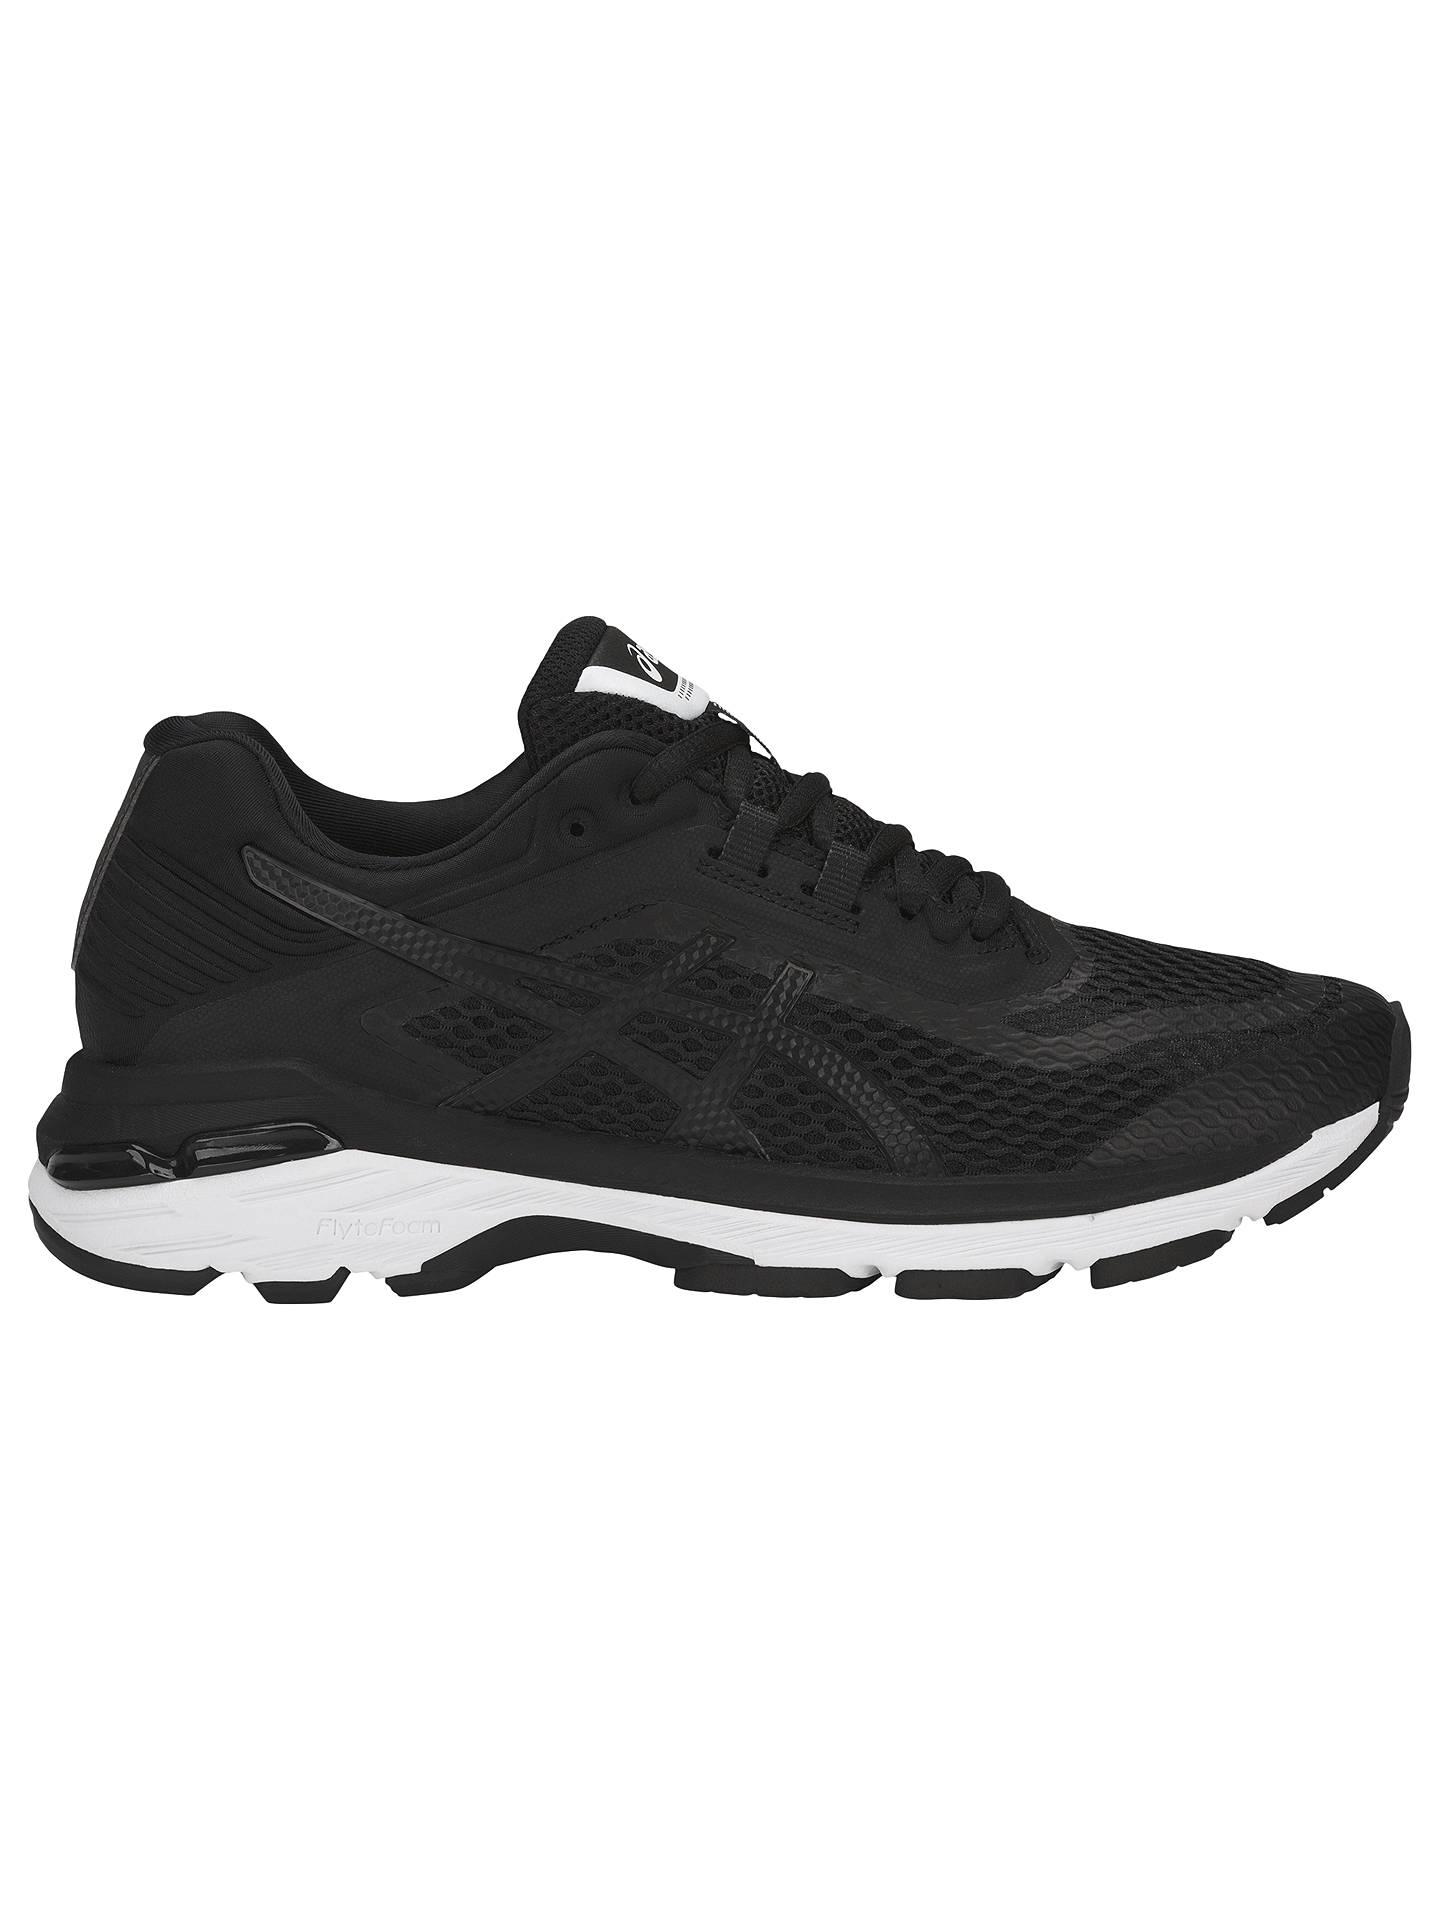 ASICS GT-2000 6 Women's Running Shoes, Black at John Lewis